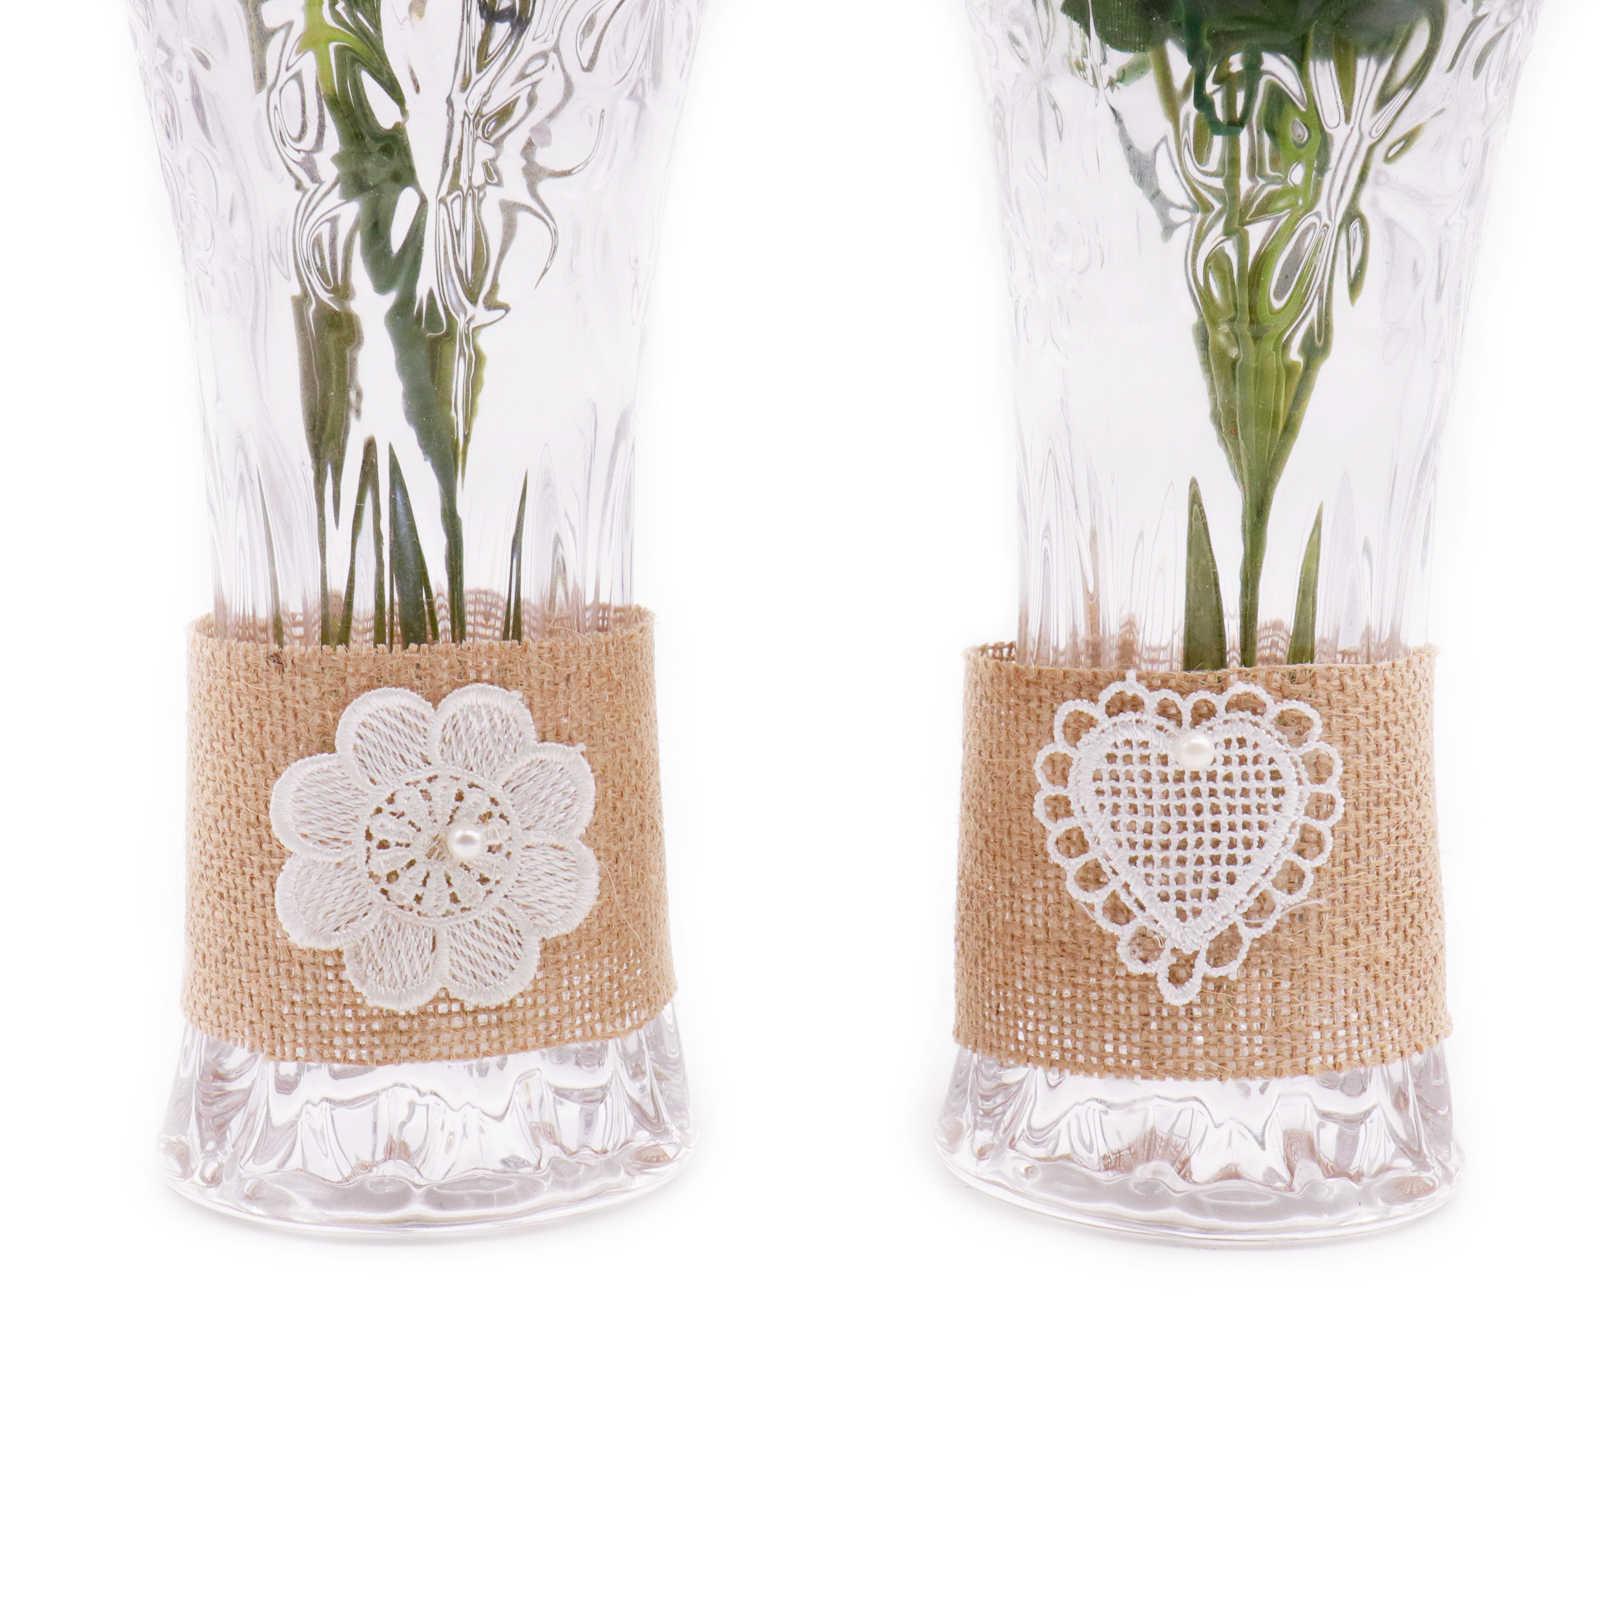 6x25.5 cm naturalne juta juta hesji kwiat serce koronki wykończenia wstążka wazon kwiat butelki pierścień taśma dla nowych rok ślub Party Decor